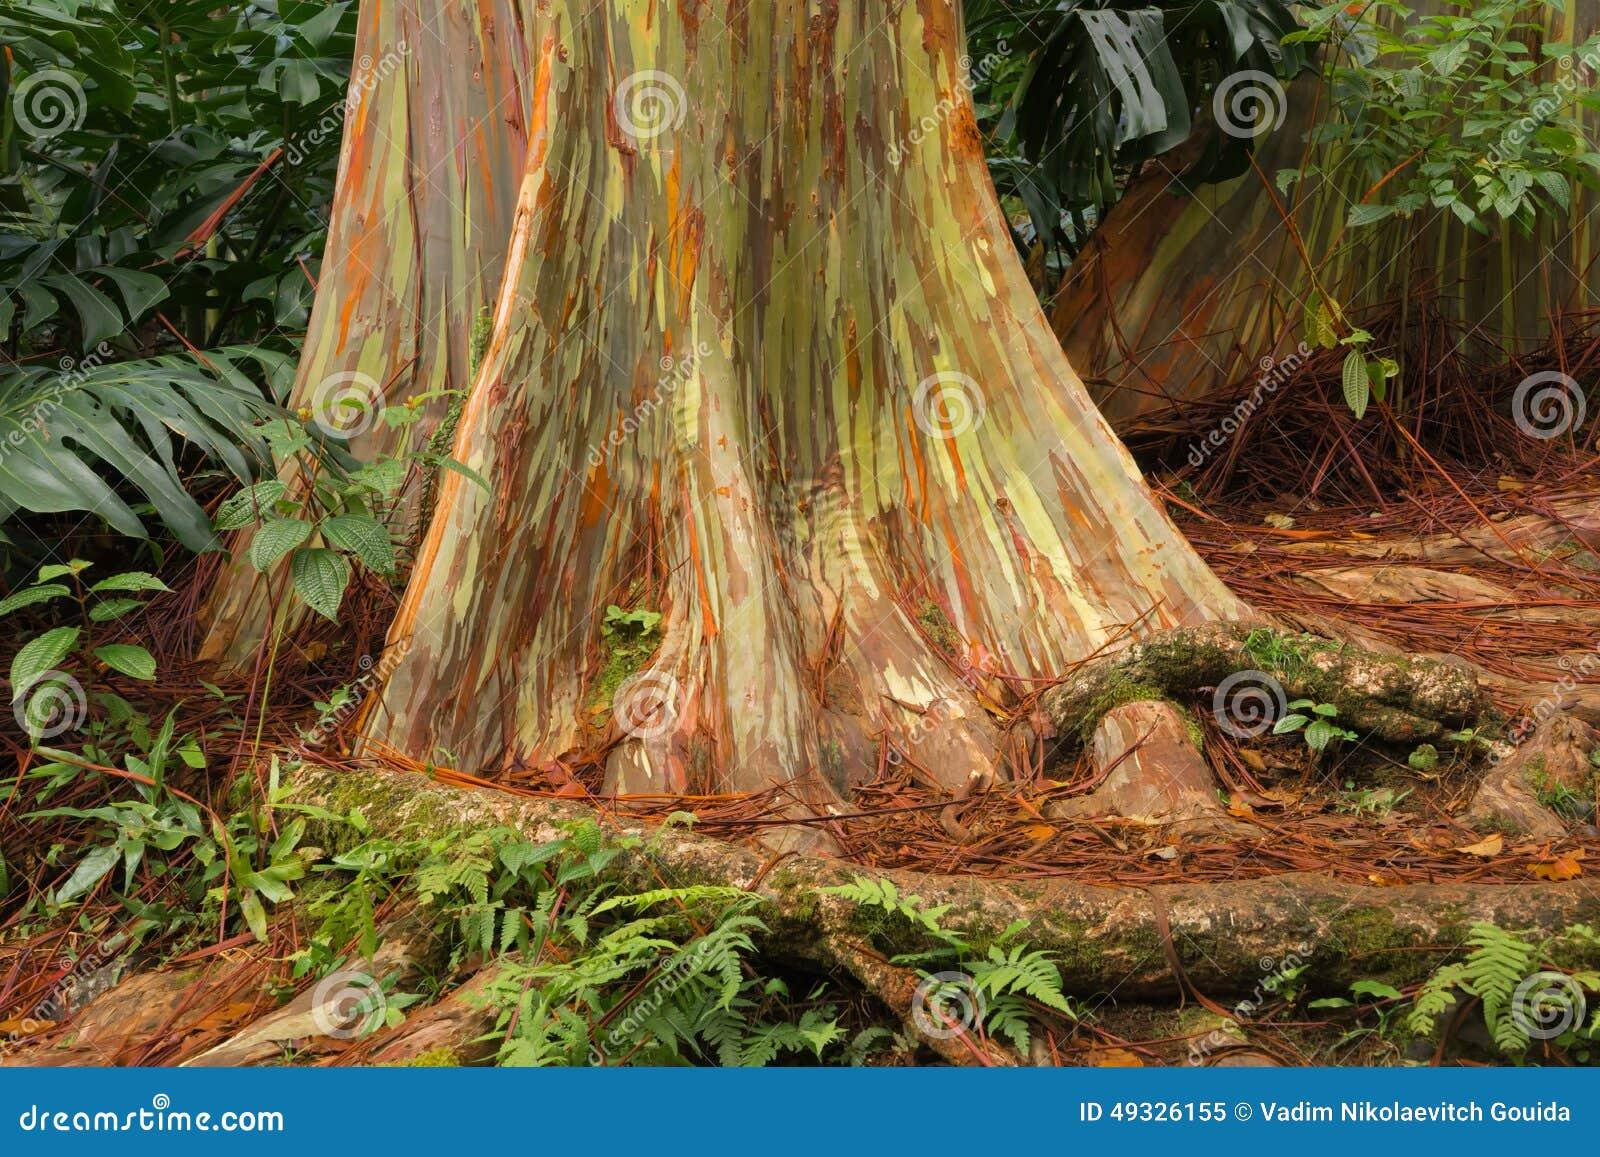 Rainbow Eucalyptus, Maui stock image. Image of arboretum - 49326155